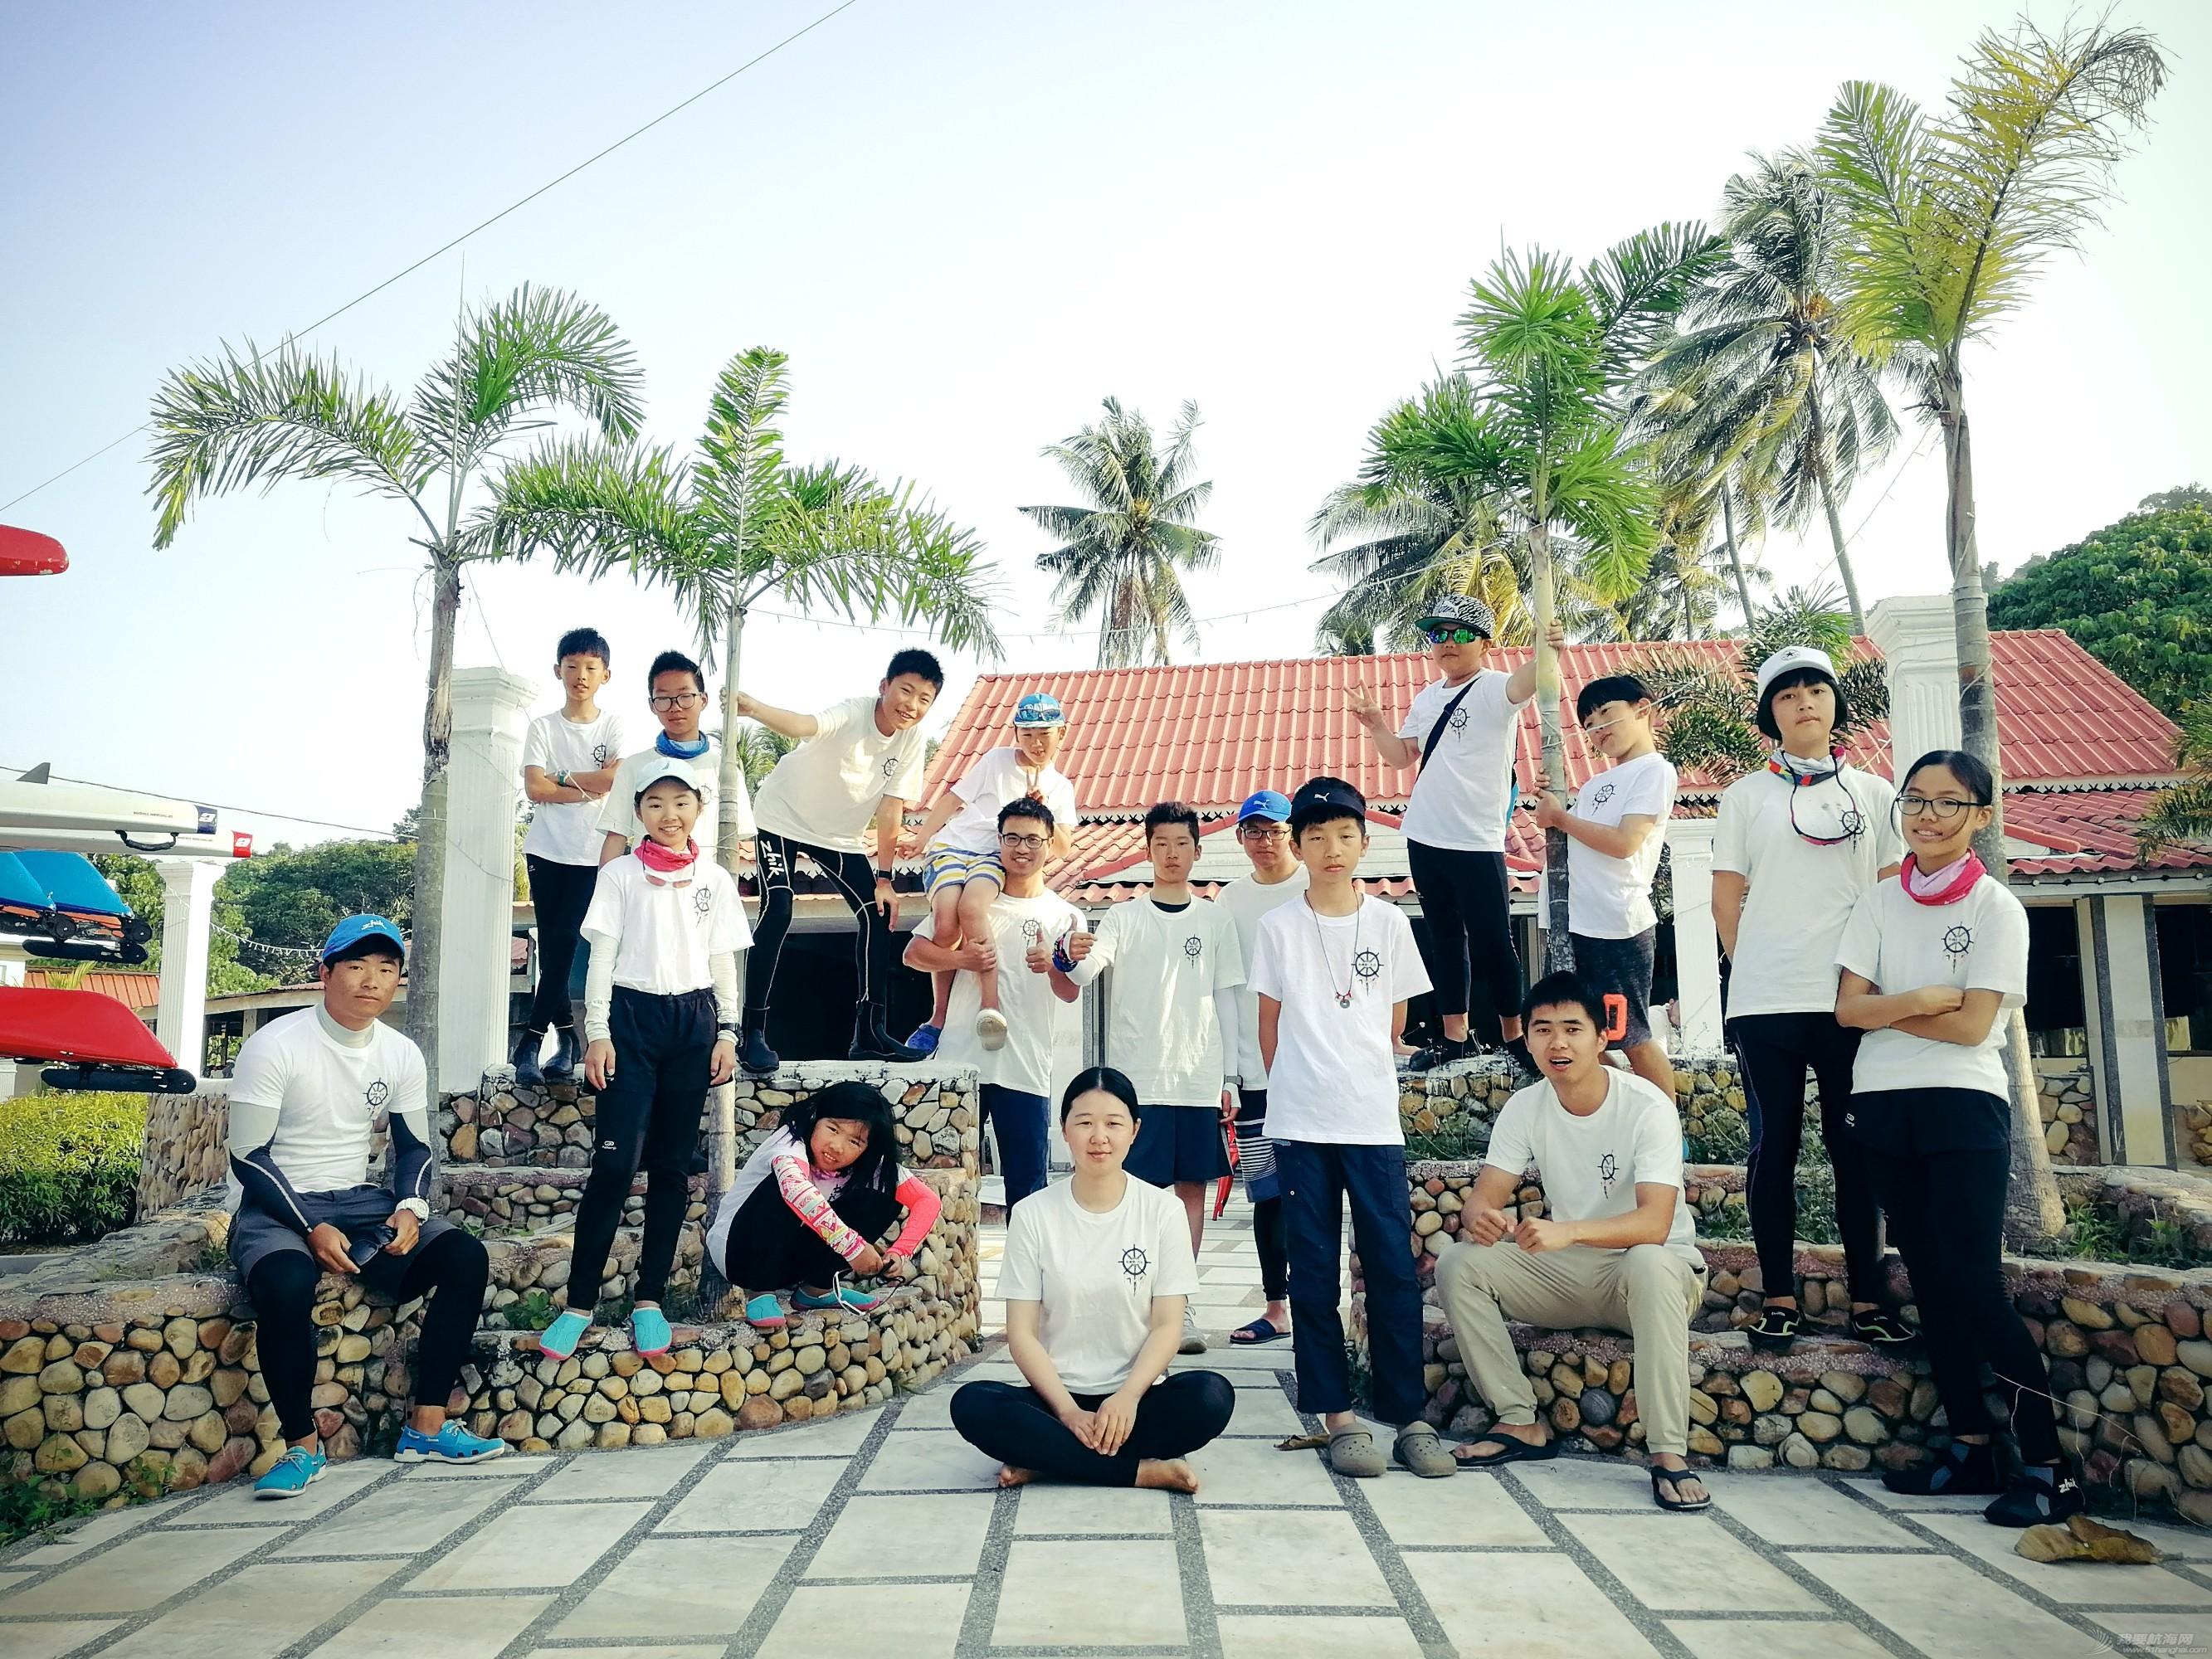 2011801兰卡威比赛 (3).jpg